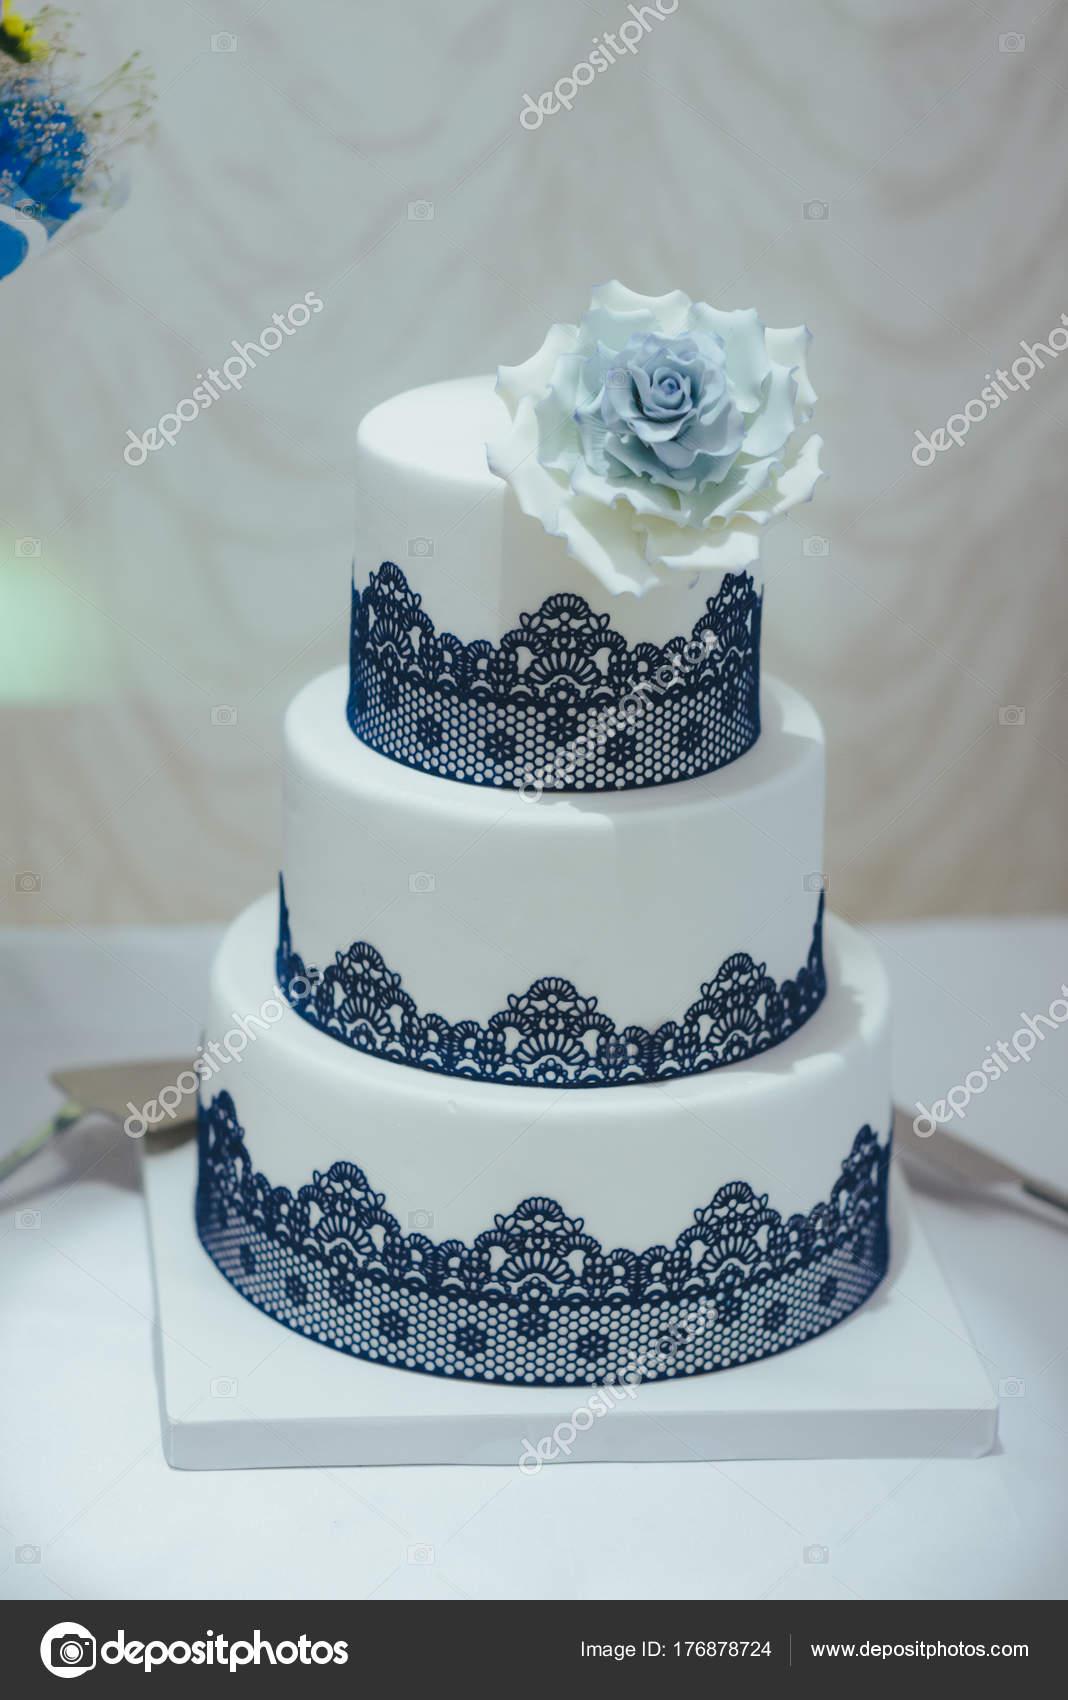 Blaue Hochzeitstorte Dekoriert Mit Weissen Blumen Stockfoto C Azz